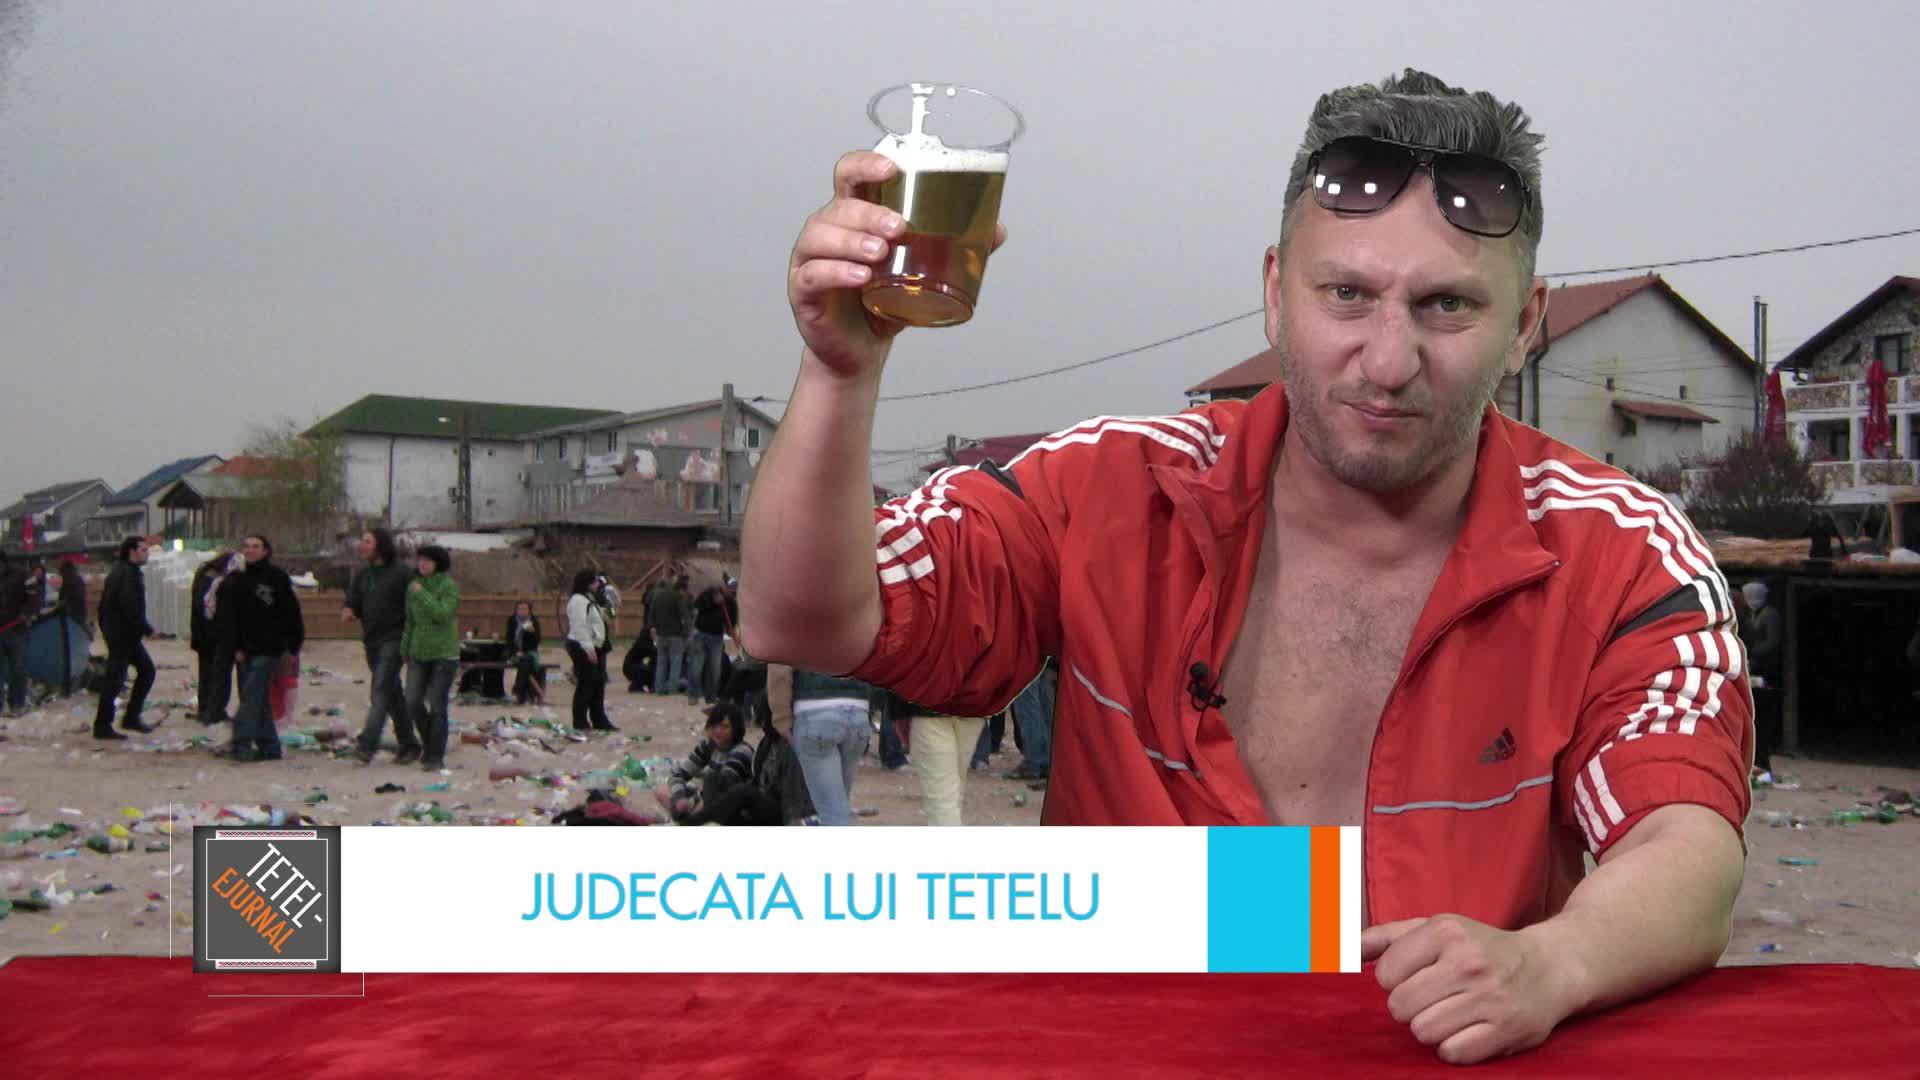 Judecata lui Tetelu: Cum să faci rost de bere în Vama Veche